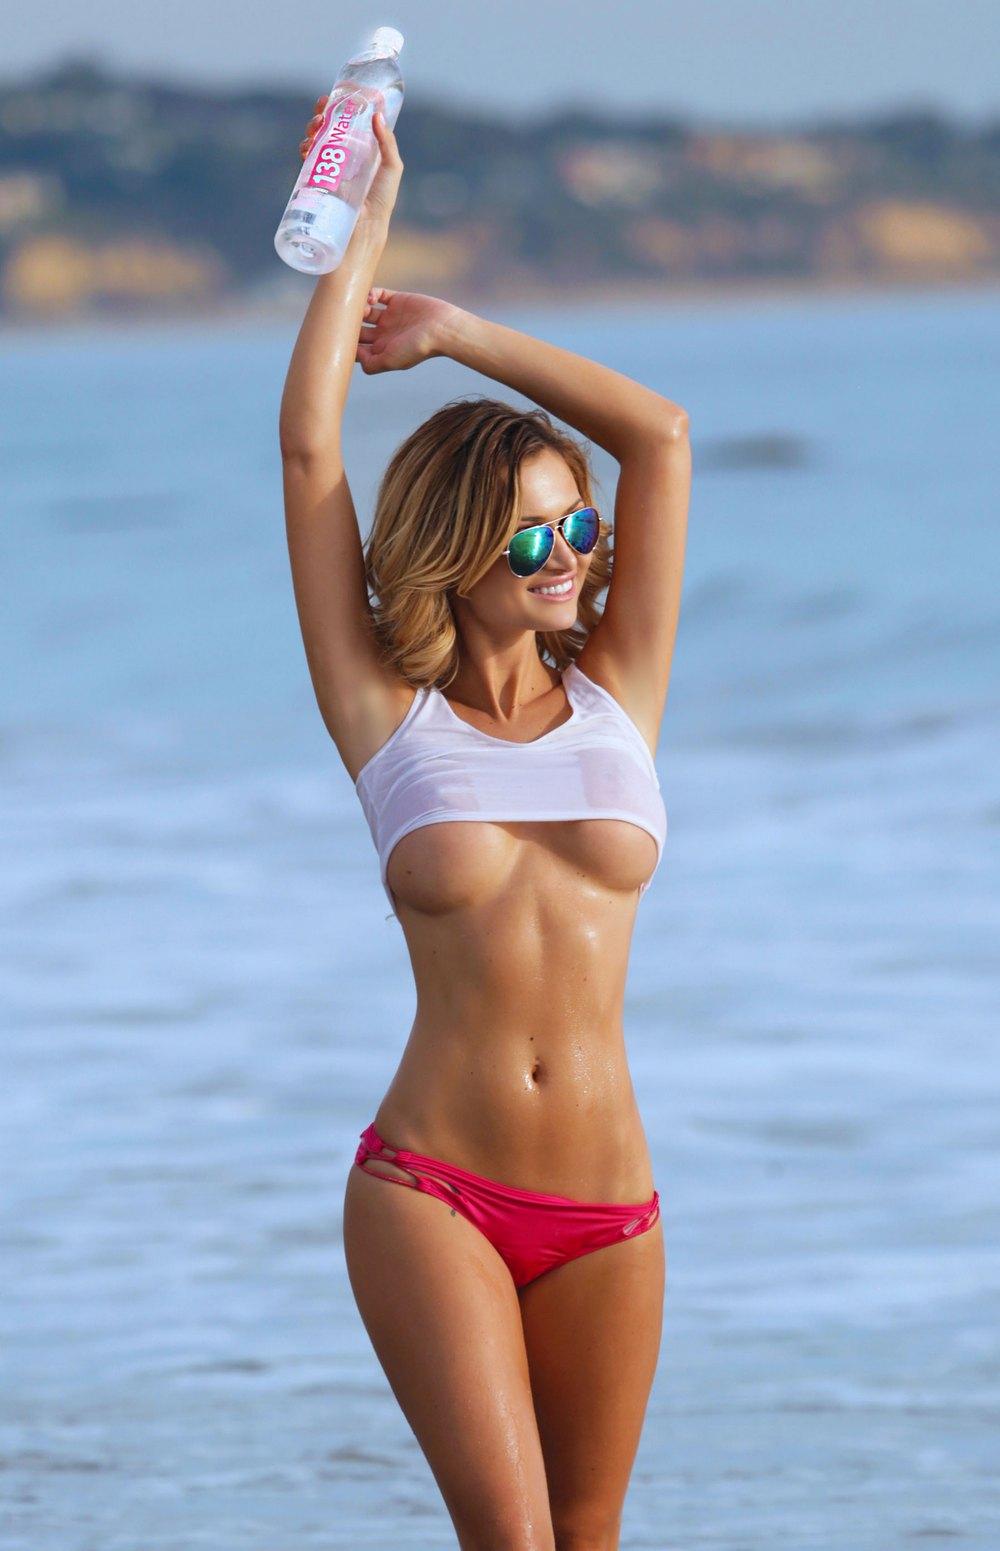 Ela Rose Does A Beach Photo Shoot